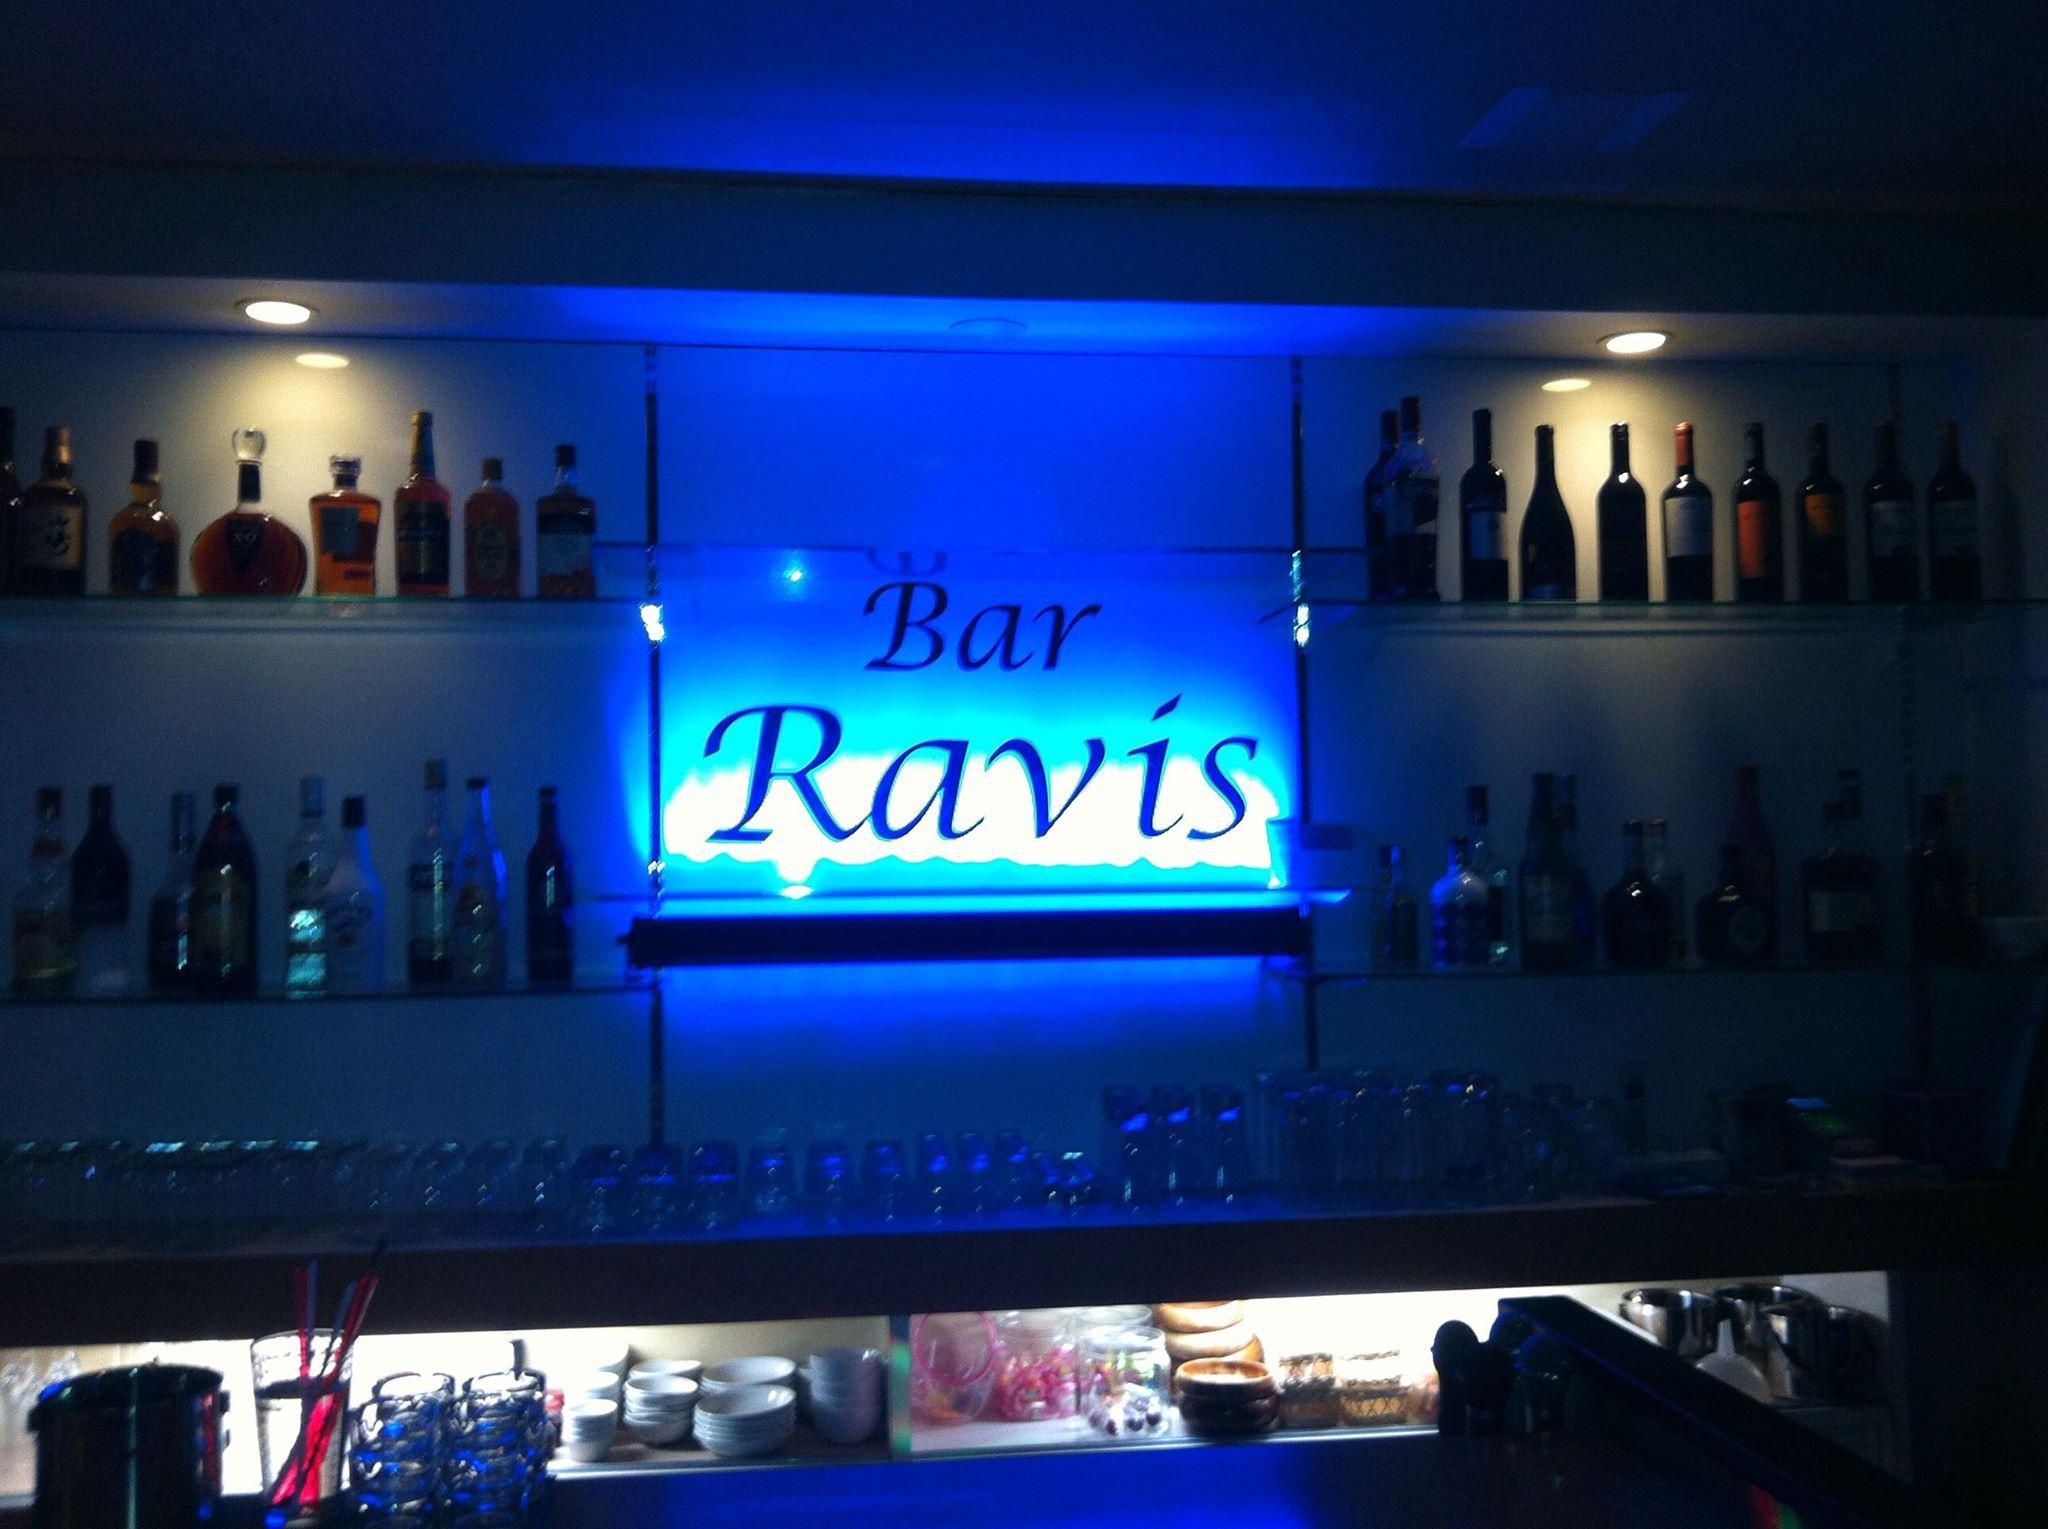 Bar Ravis